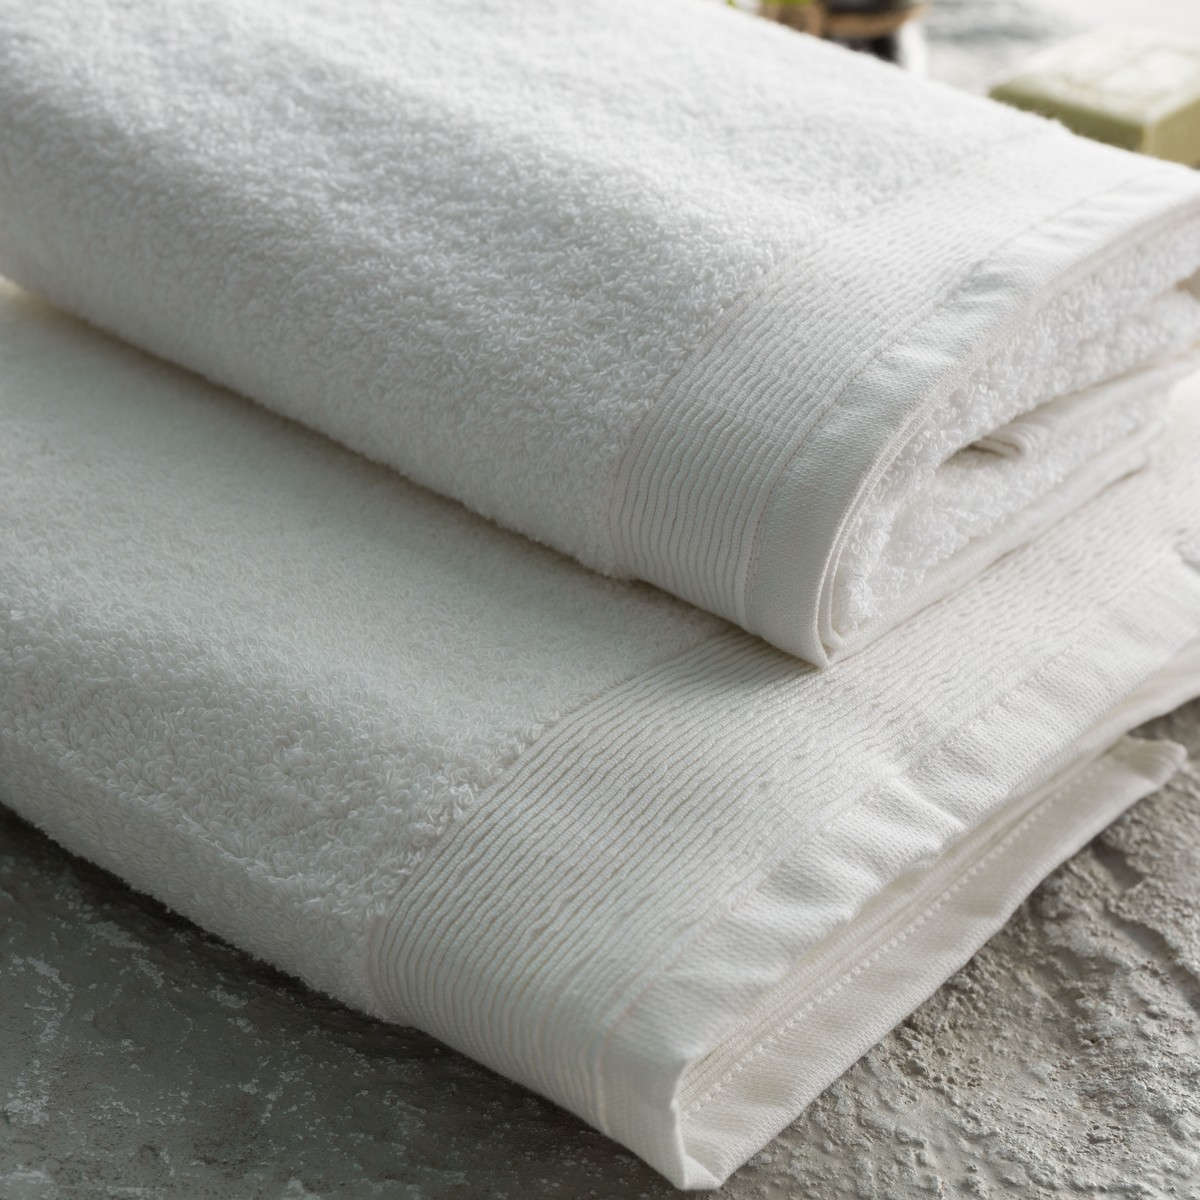 Πετσέτα Σετ 2τμχ White Vesta Home Σετ Πετσέτες